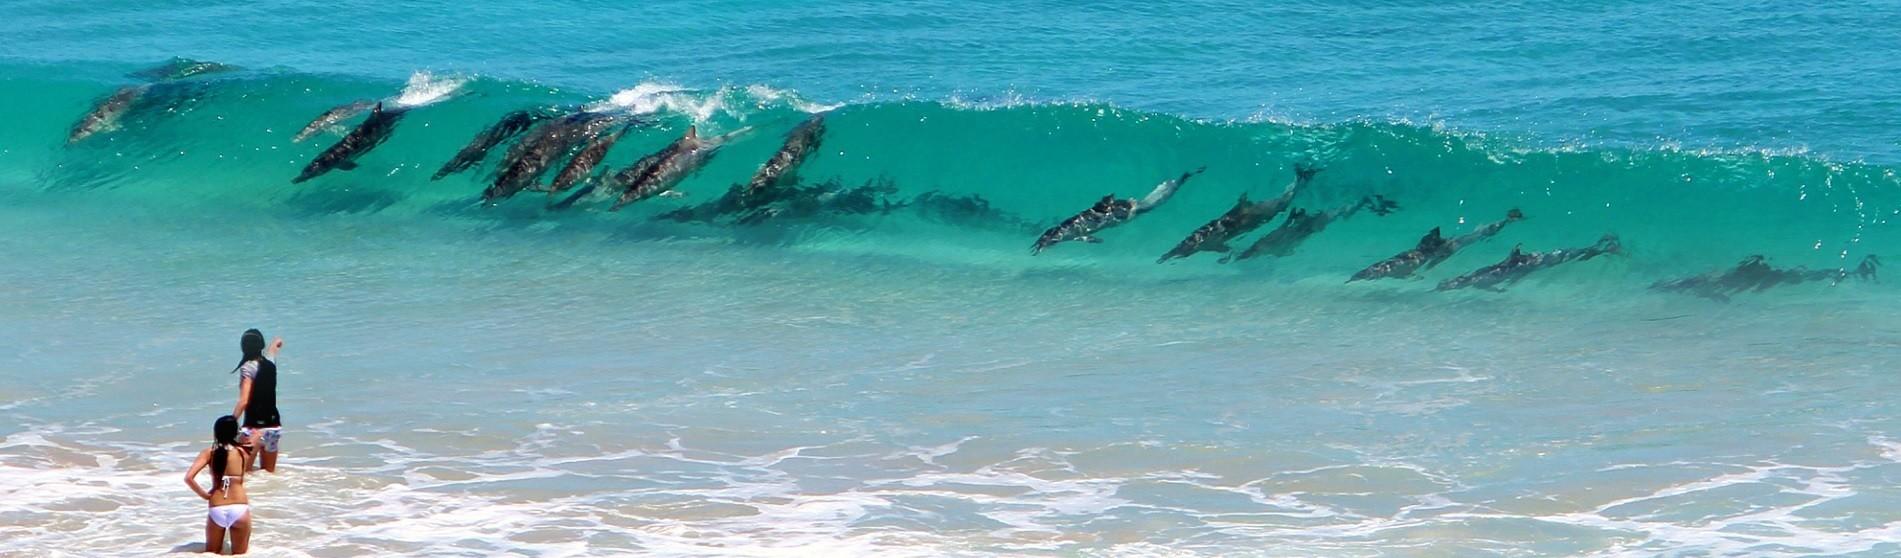 Lochie's dolphins in surf